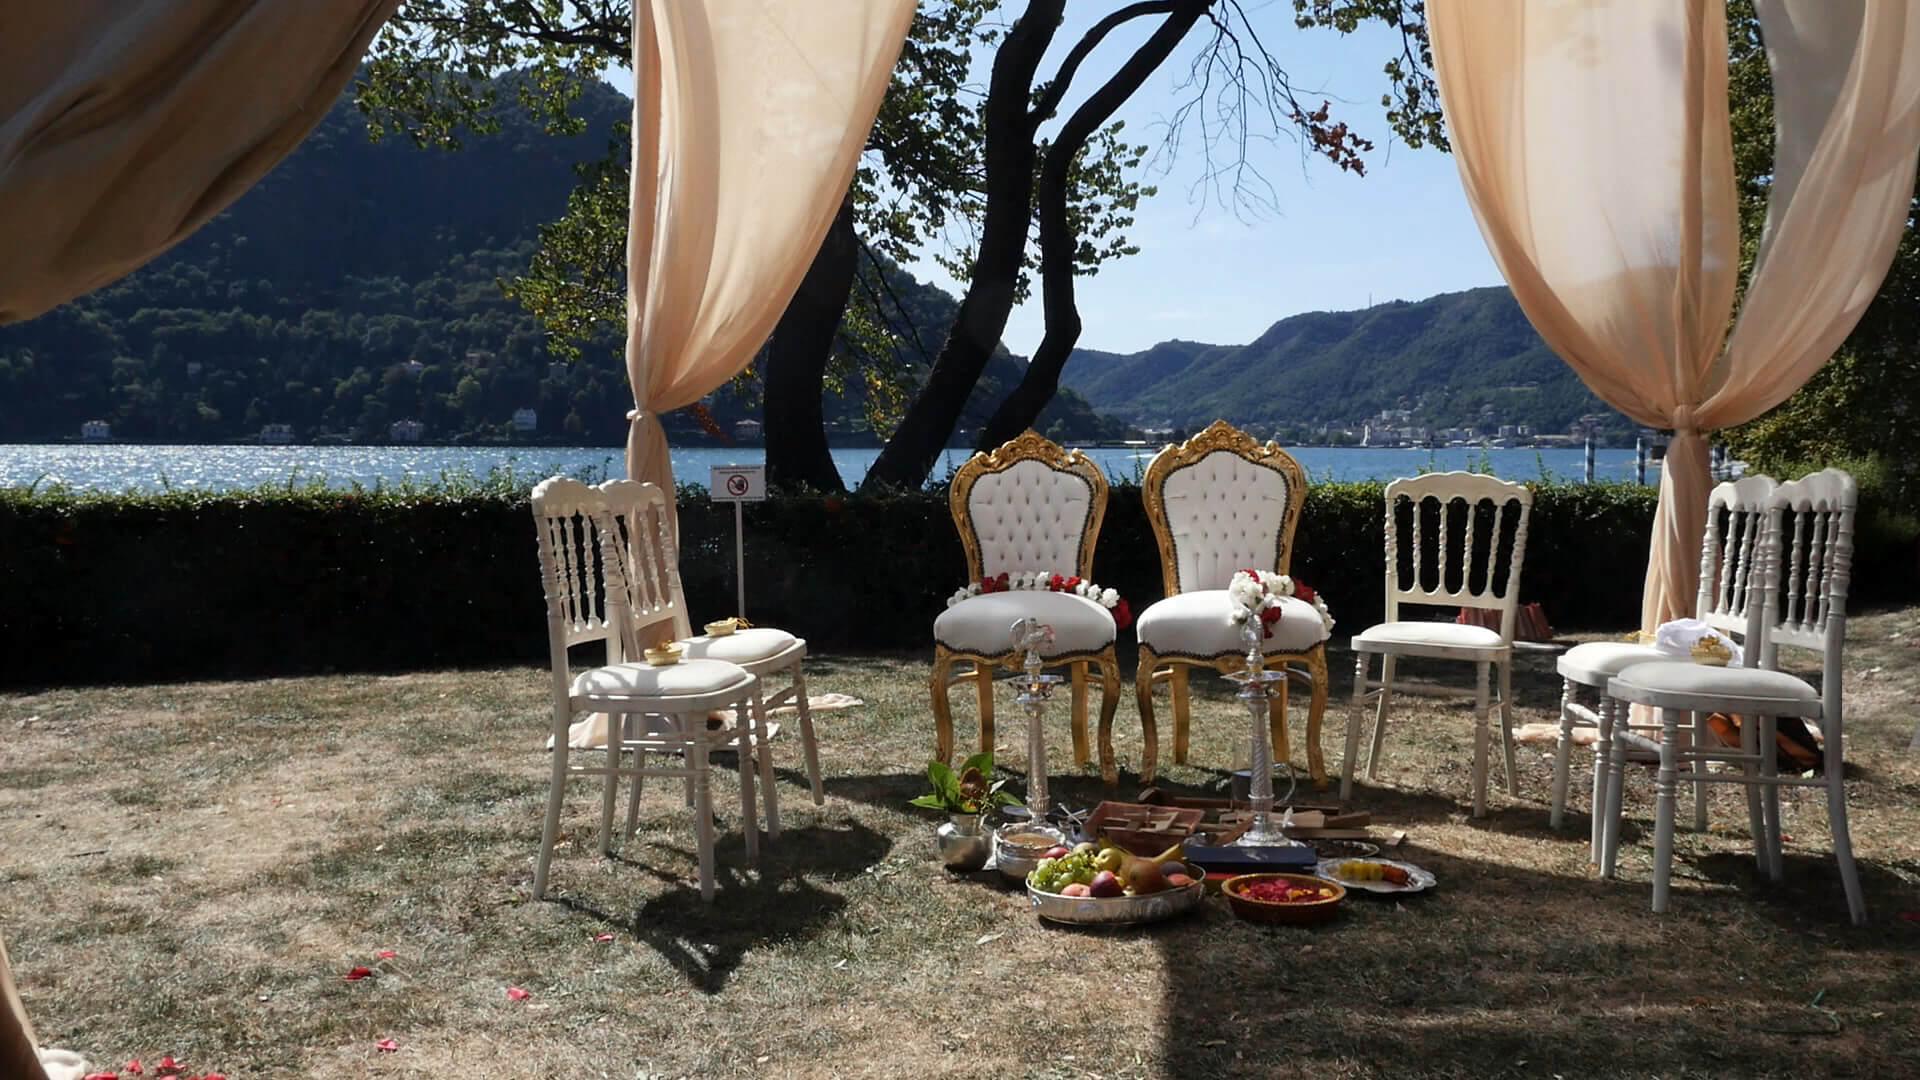 matrimonio-indiano-lago-di-como-villa-erba-fiori.jpg